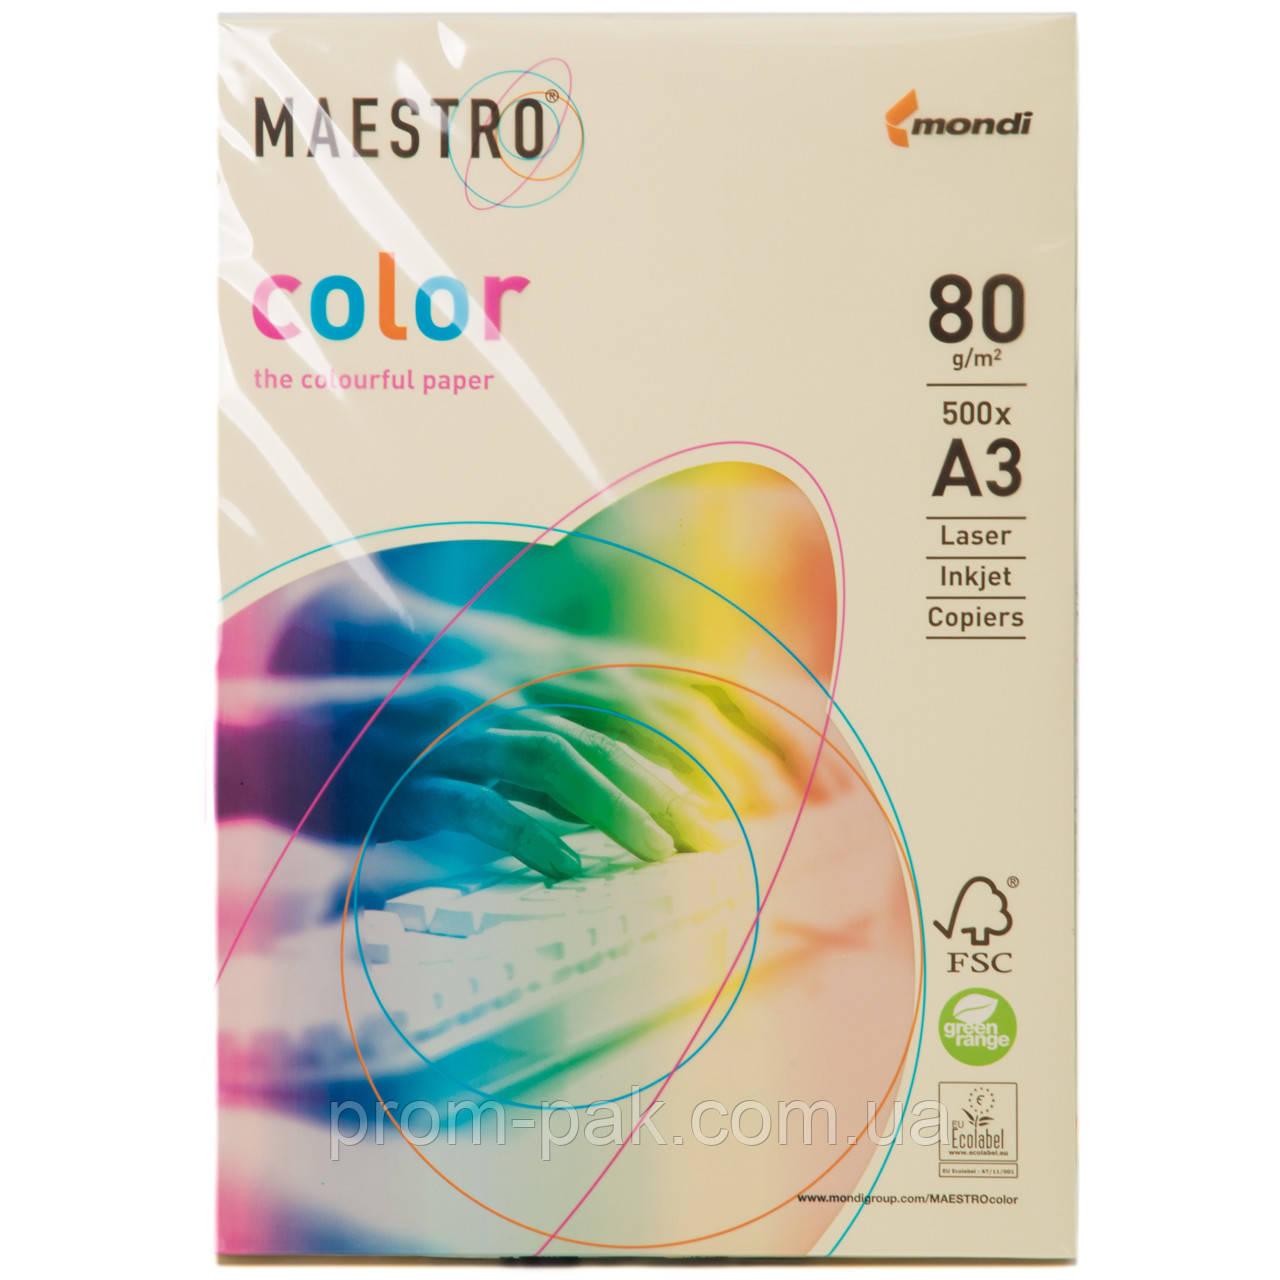 Бумага Маэстро цветная А3 г/м² 80 пастель бежевый